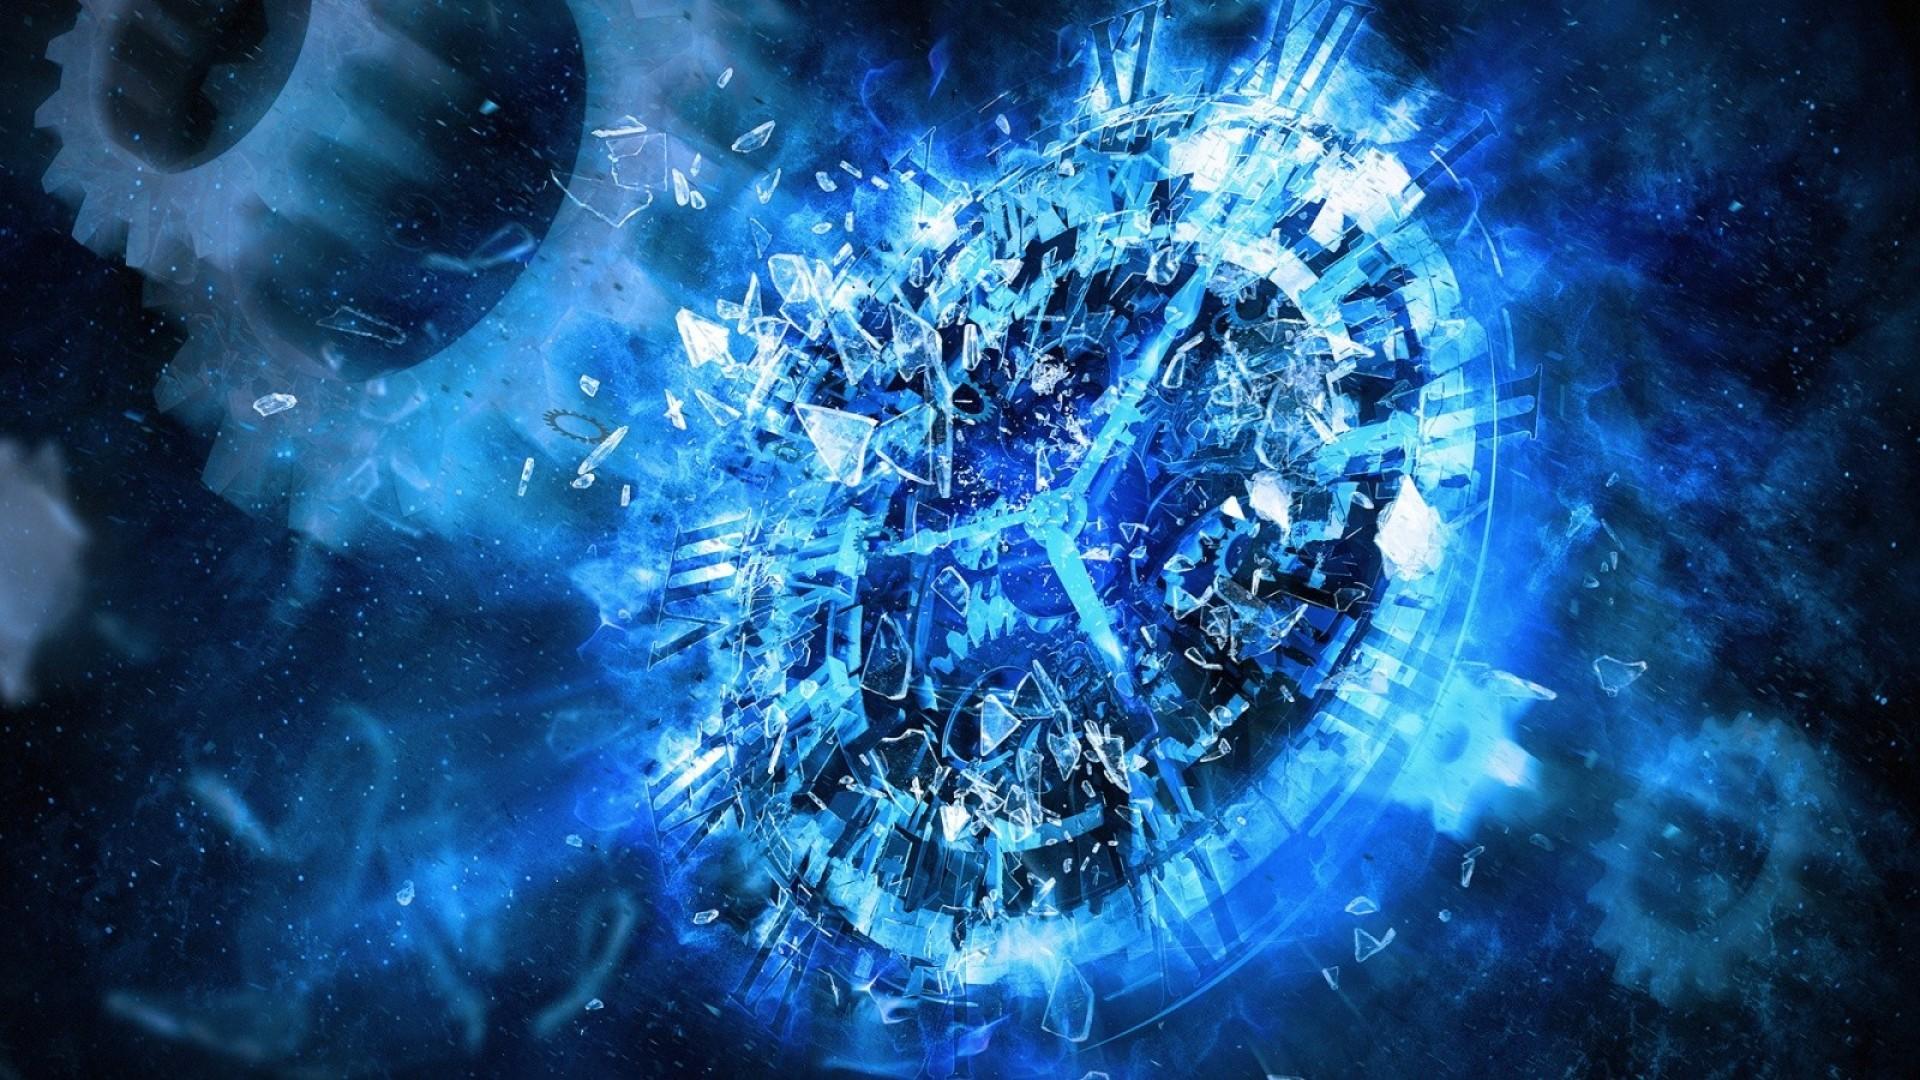 widescreen blue clock abstract hd desktop wallpaper 1920×1080